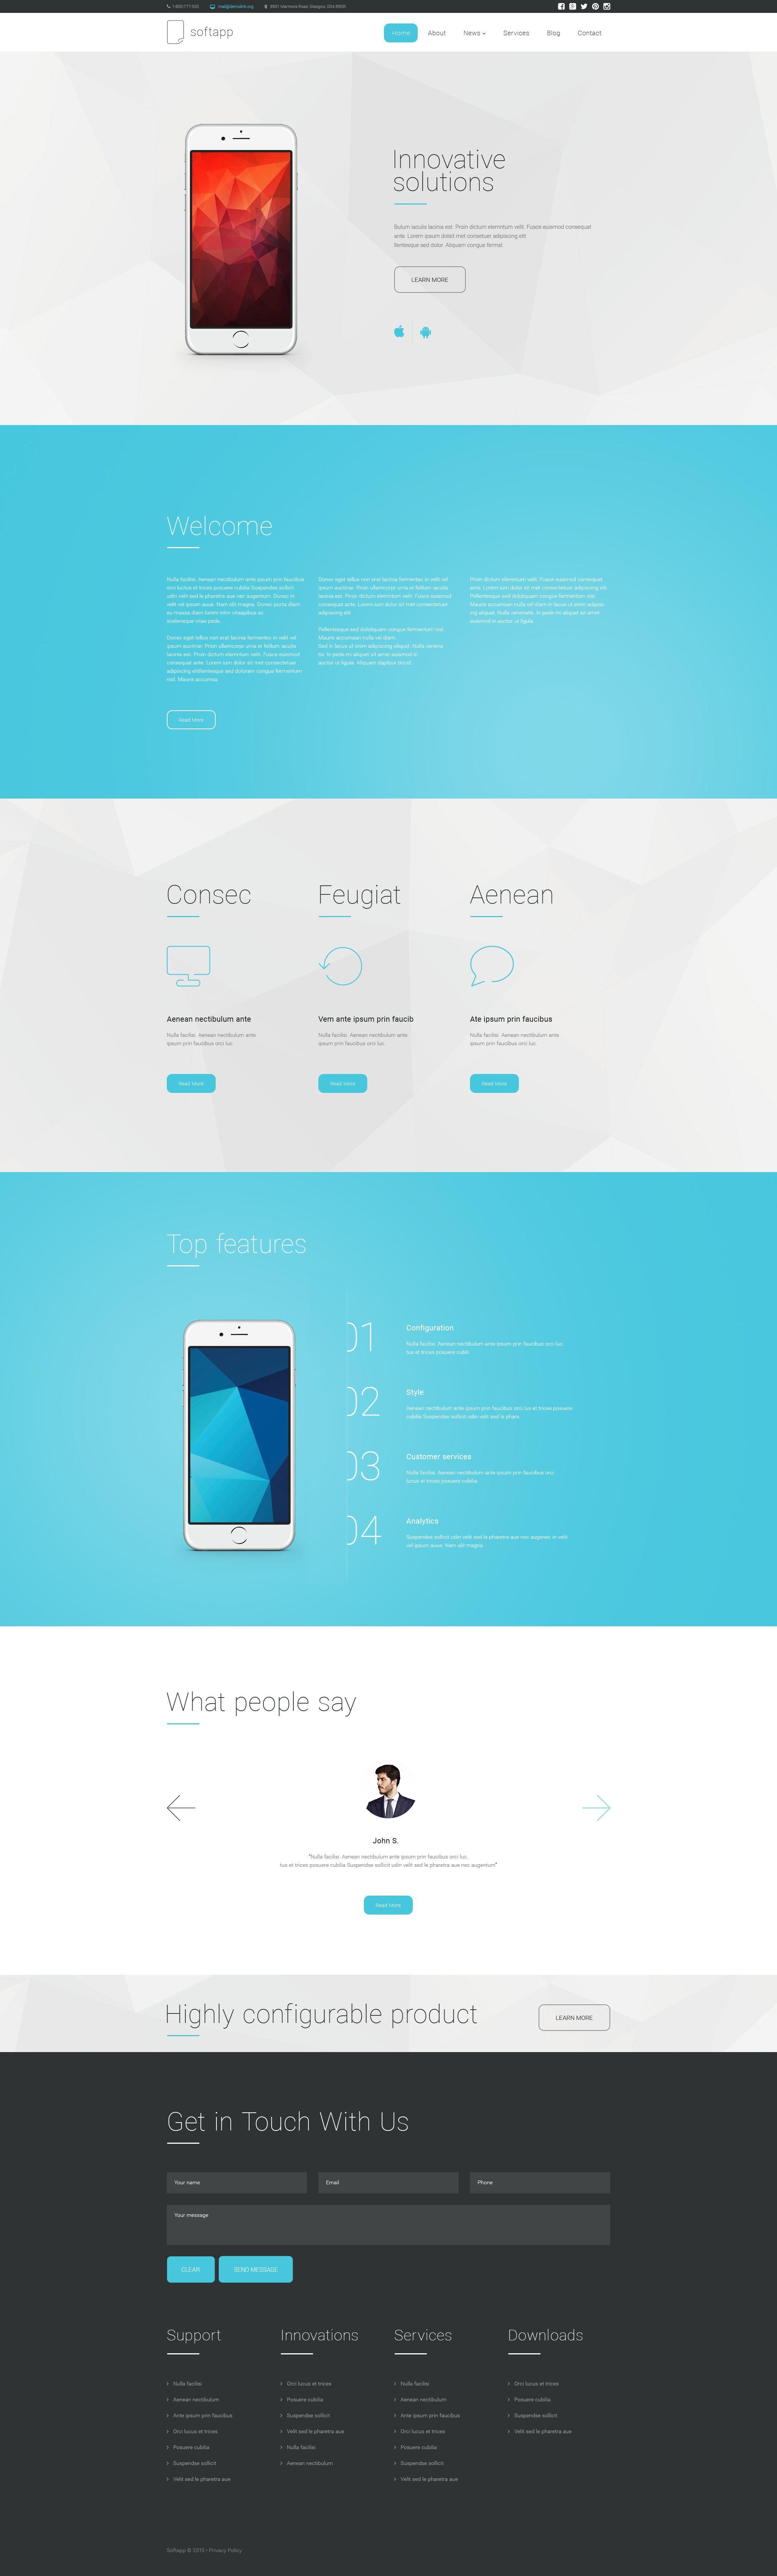 Softapp Drupal Template - screenshot